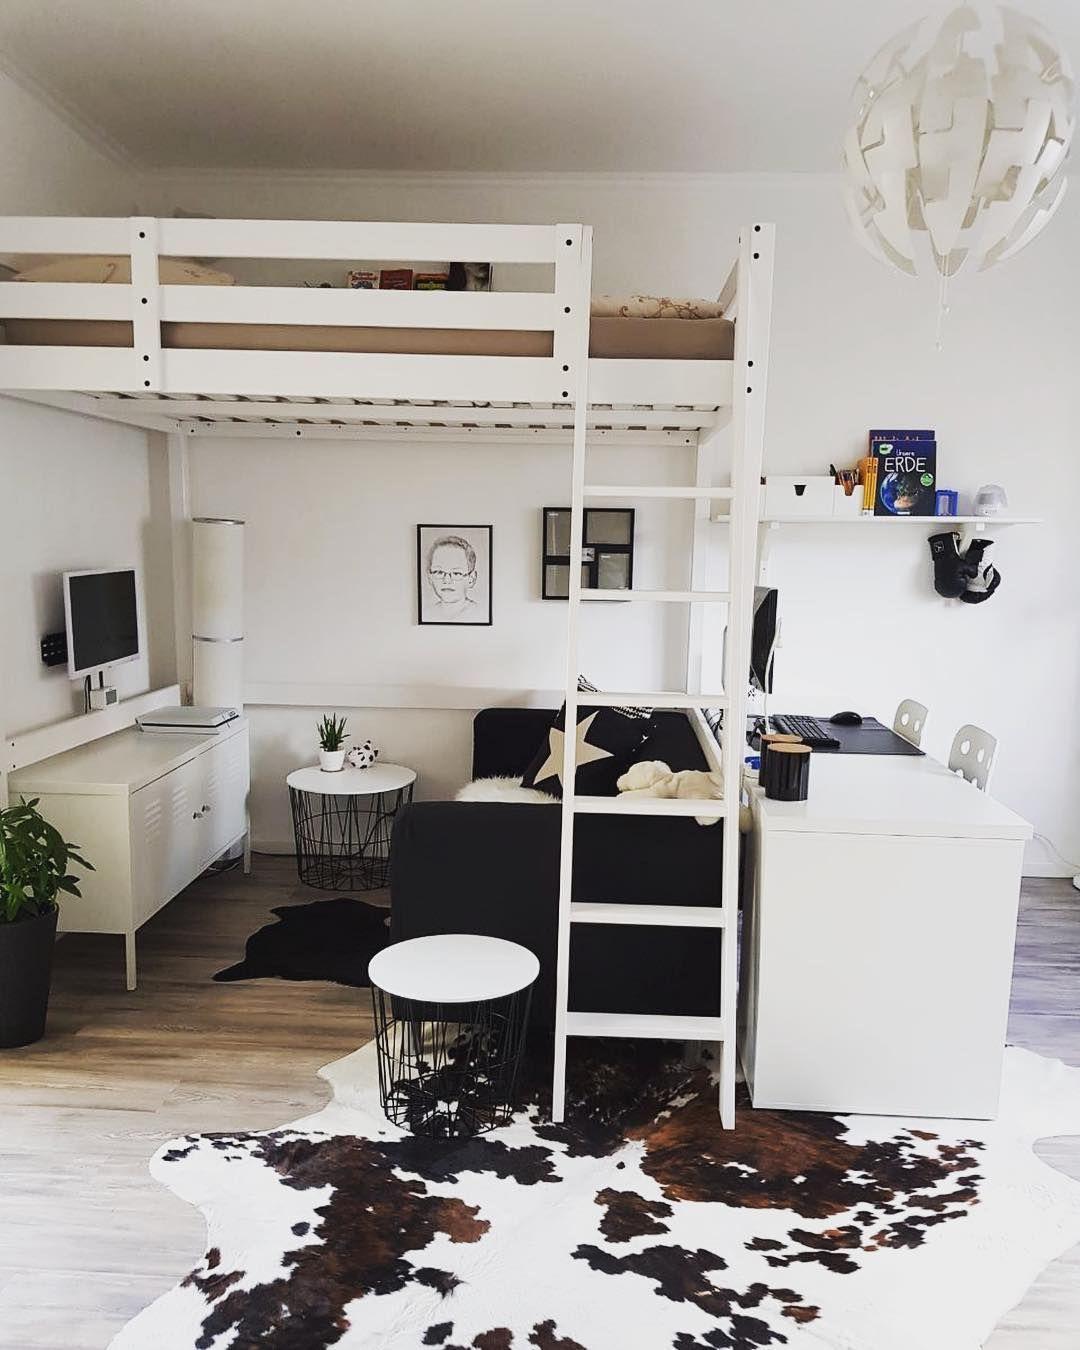 Full Size of Ikea Jugendzimmer Sibyllehome On Instagram Neu Gestaltetmein Betten 160x200 Miniküche Küche Kaufen Modulküche Sofa Mit Schlaffunktion Kosten Bei Bett Wohnzimmer Ikea Jugendzimmer